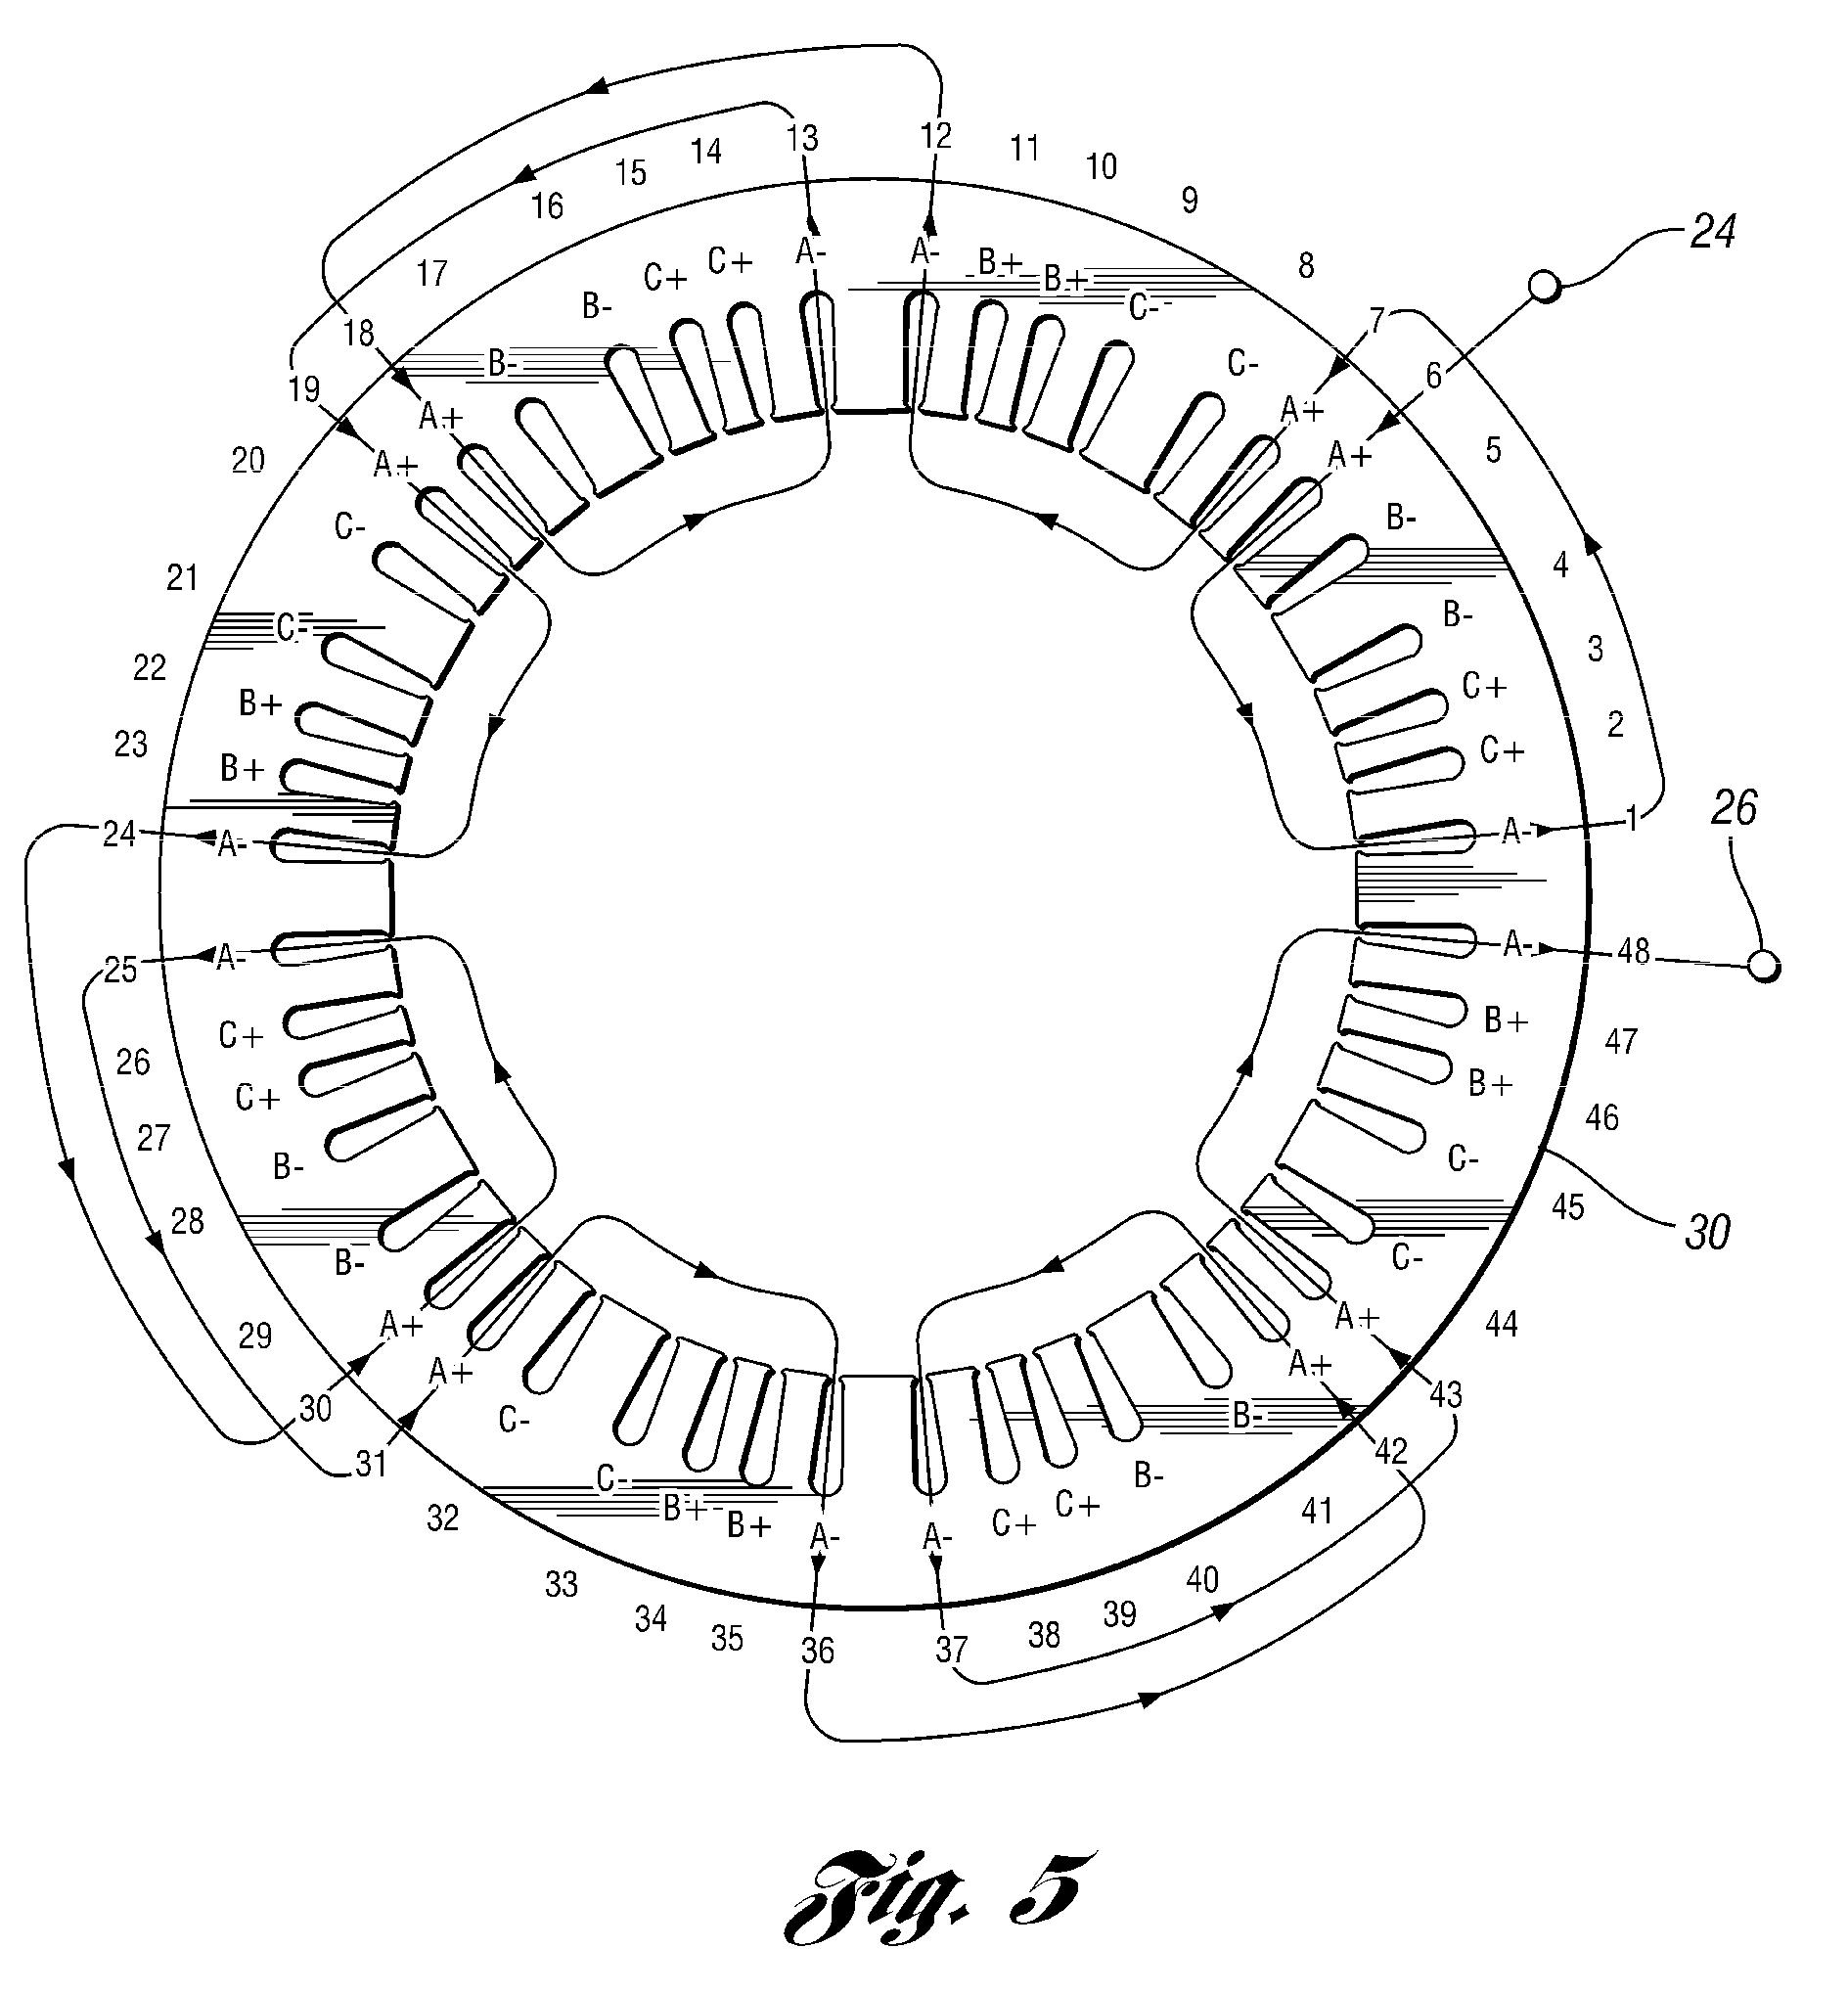 Wiring Diagram PDF: 11 Tooth Stator Wiring Diagram